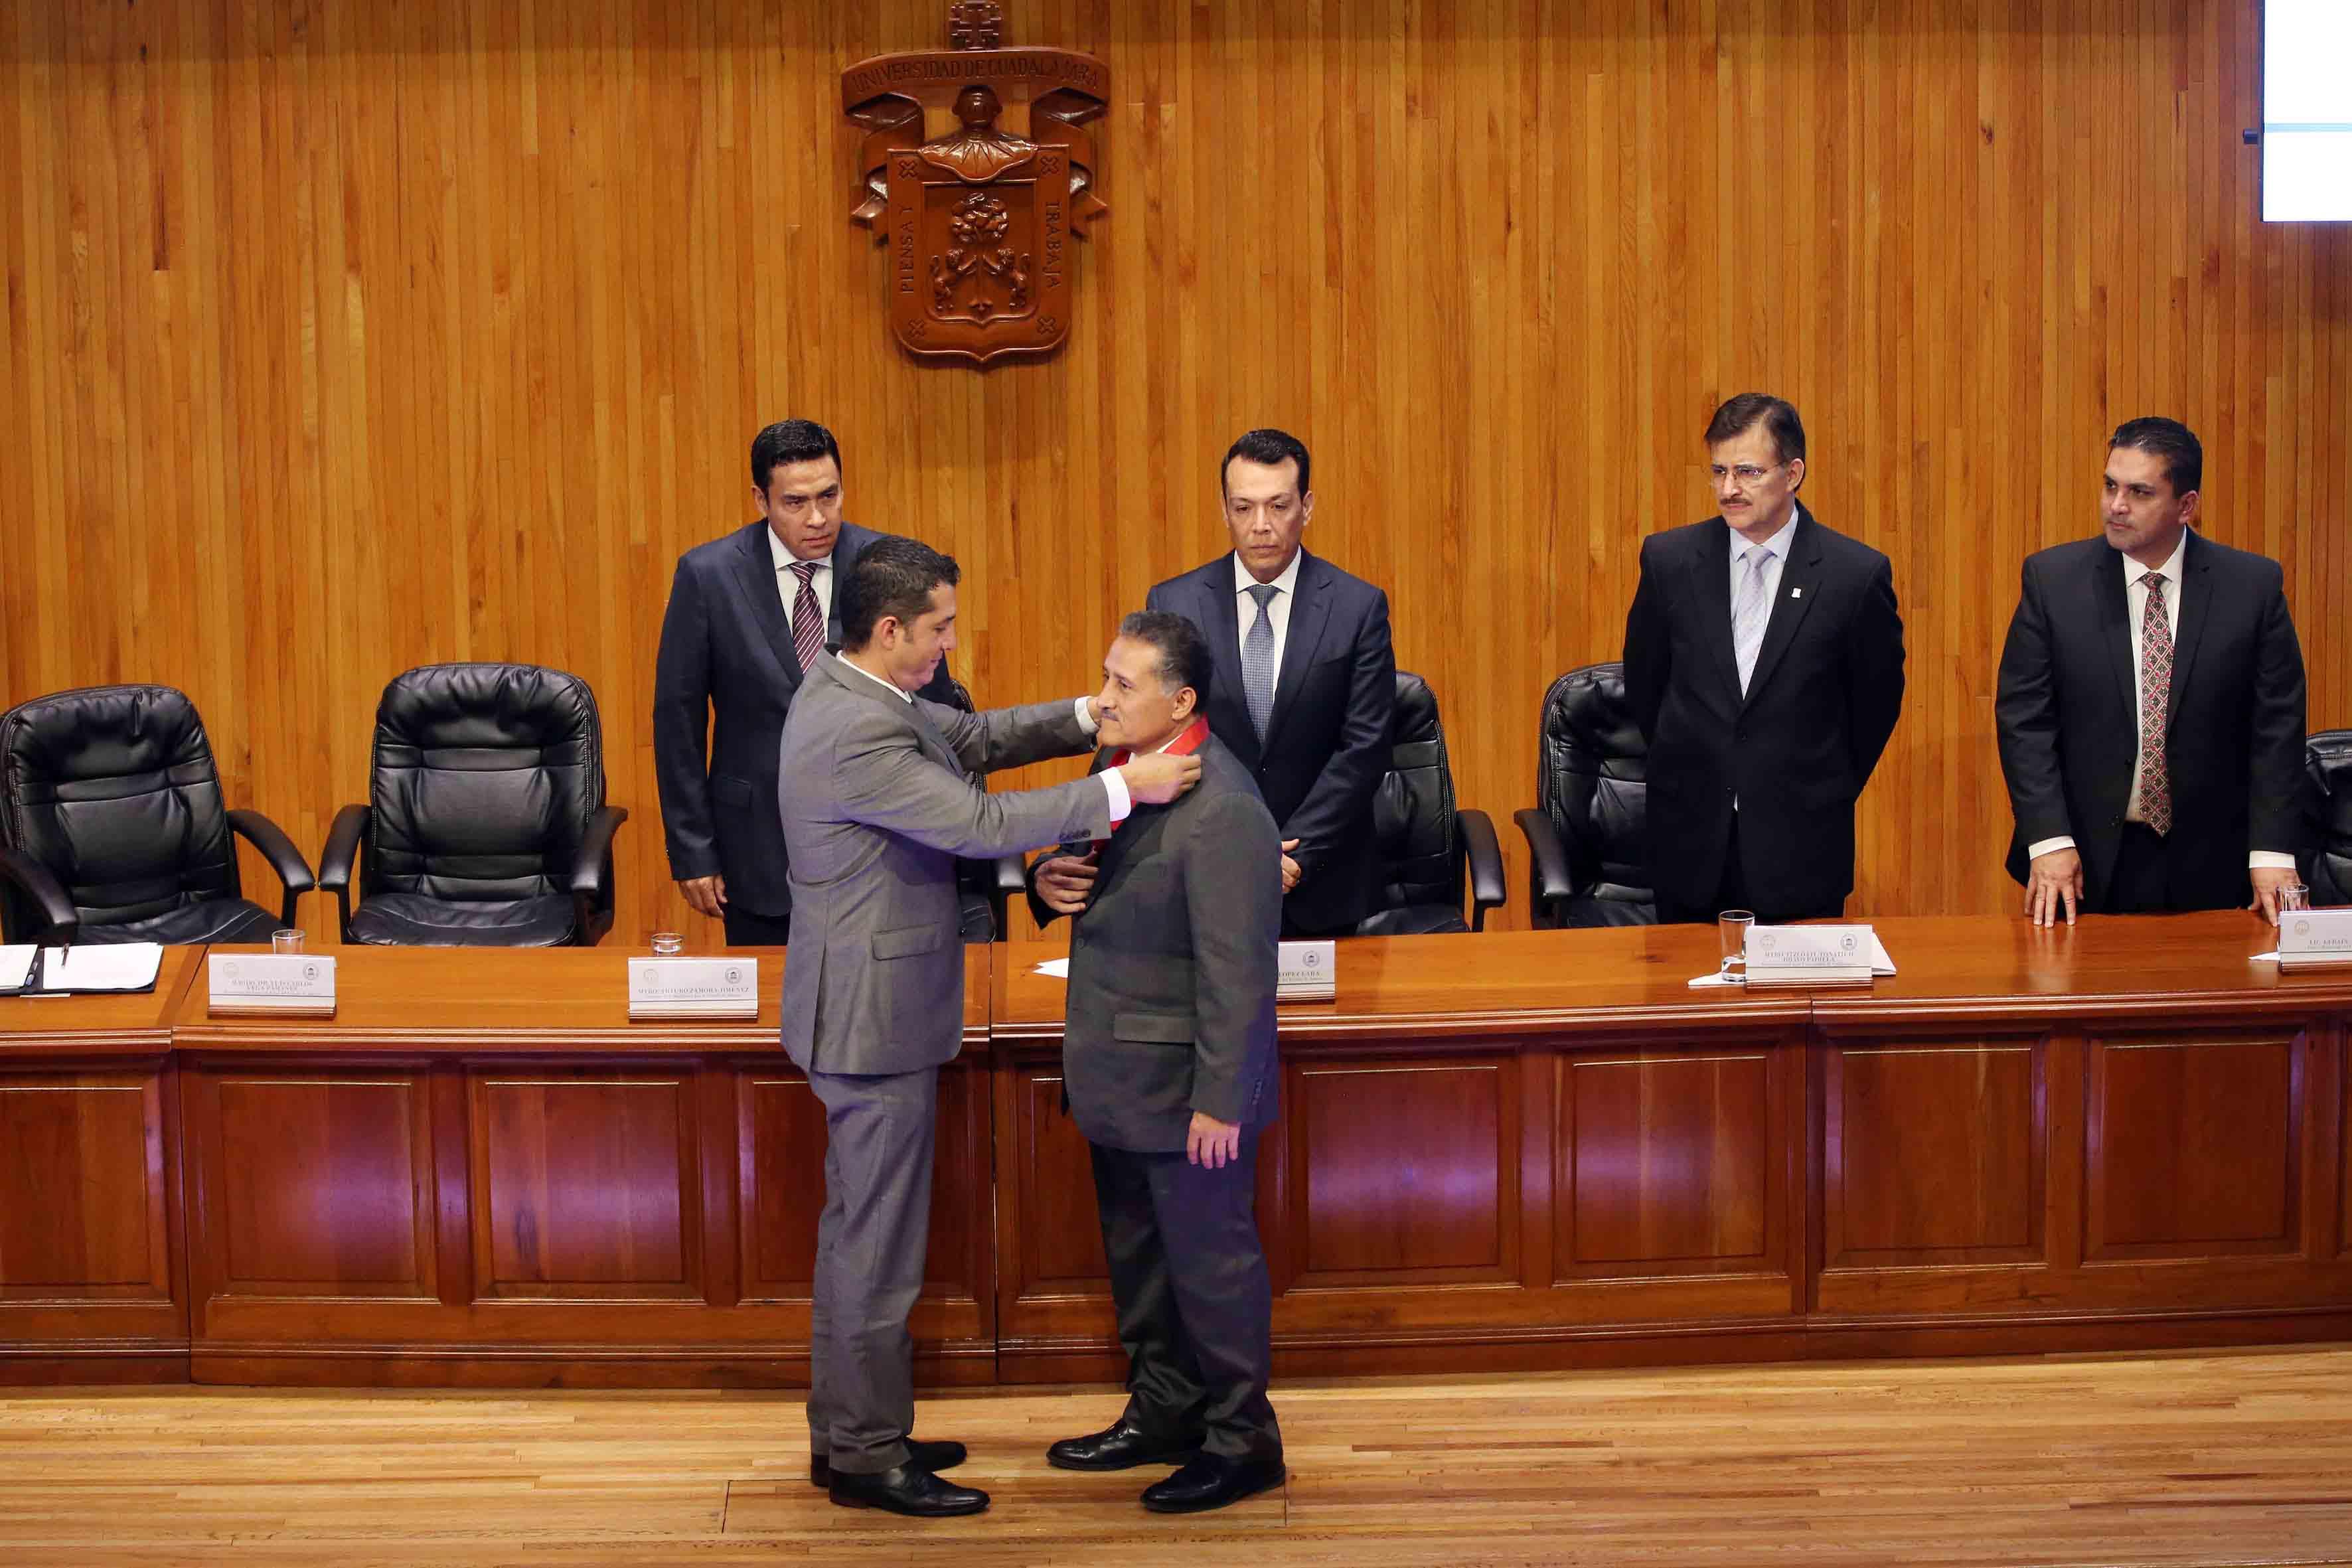 Mtro. Luis Gustavo Padilla Montes, presidente de MABA capítulo México, colocando la medalla al galardonado, el maestro y senador Arturo Zamora Jiménez.